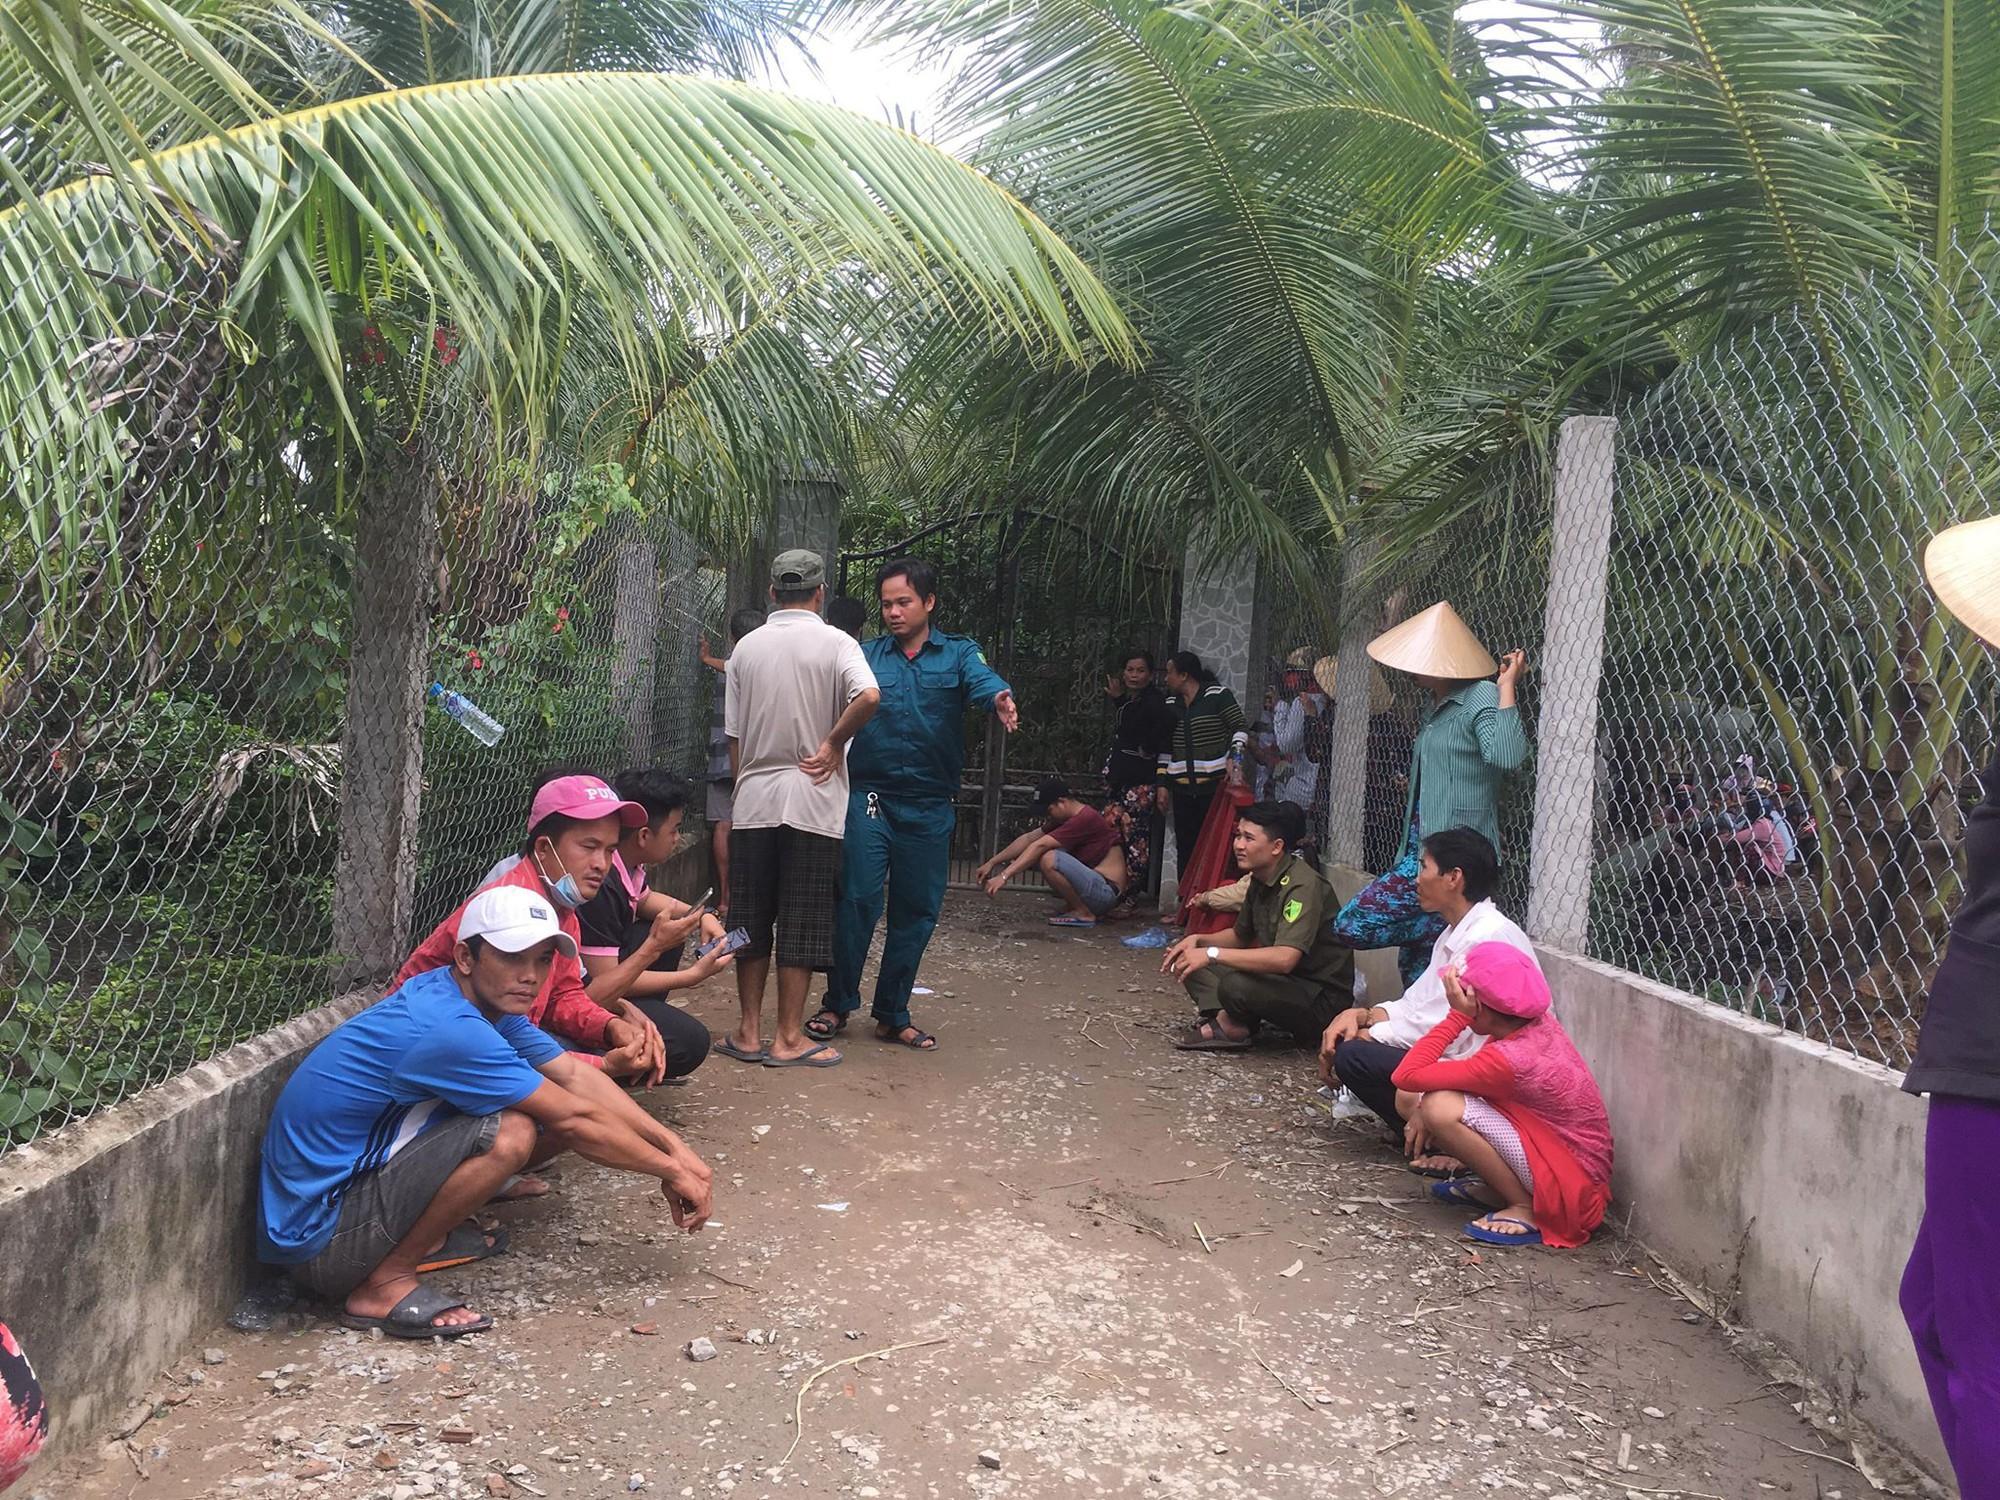 Vụ thảm án 3 người trong gia đình bị sát hại ở Tiền Giang: Các nạn nhân nghi bị siết cổ đến chết vì mâu thuẫn trong gia đình - Ảnh 1.